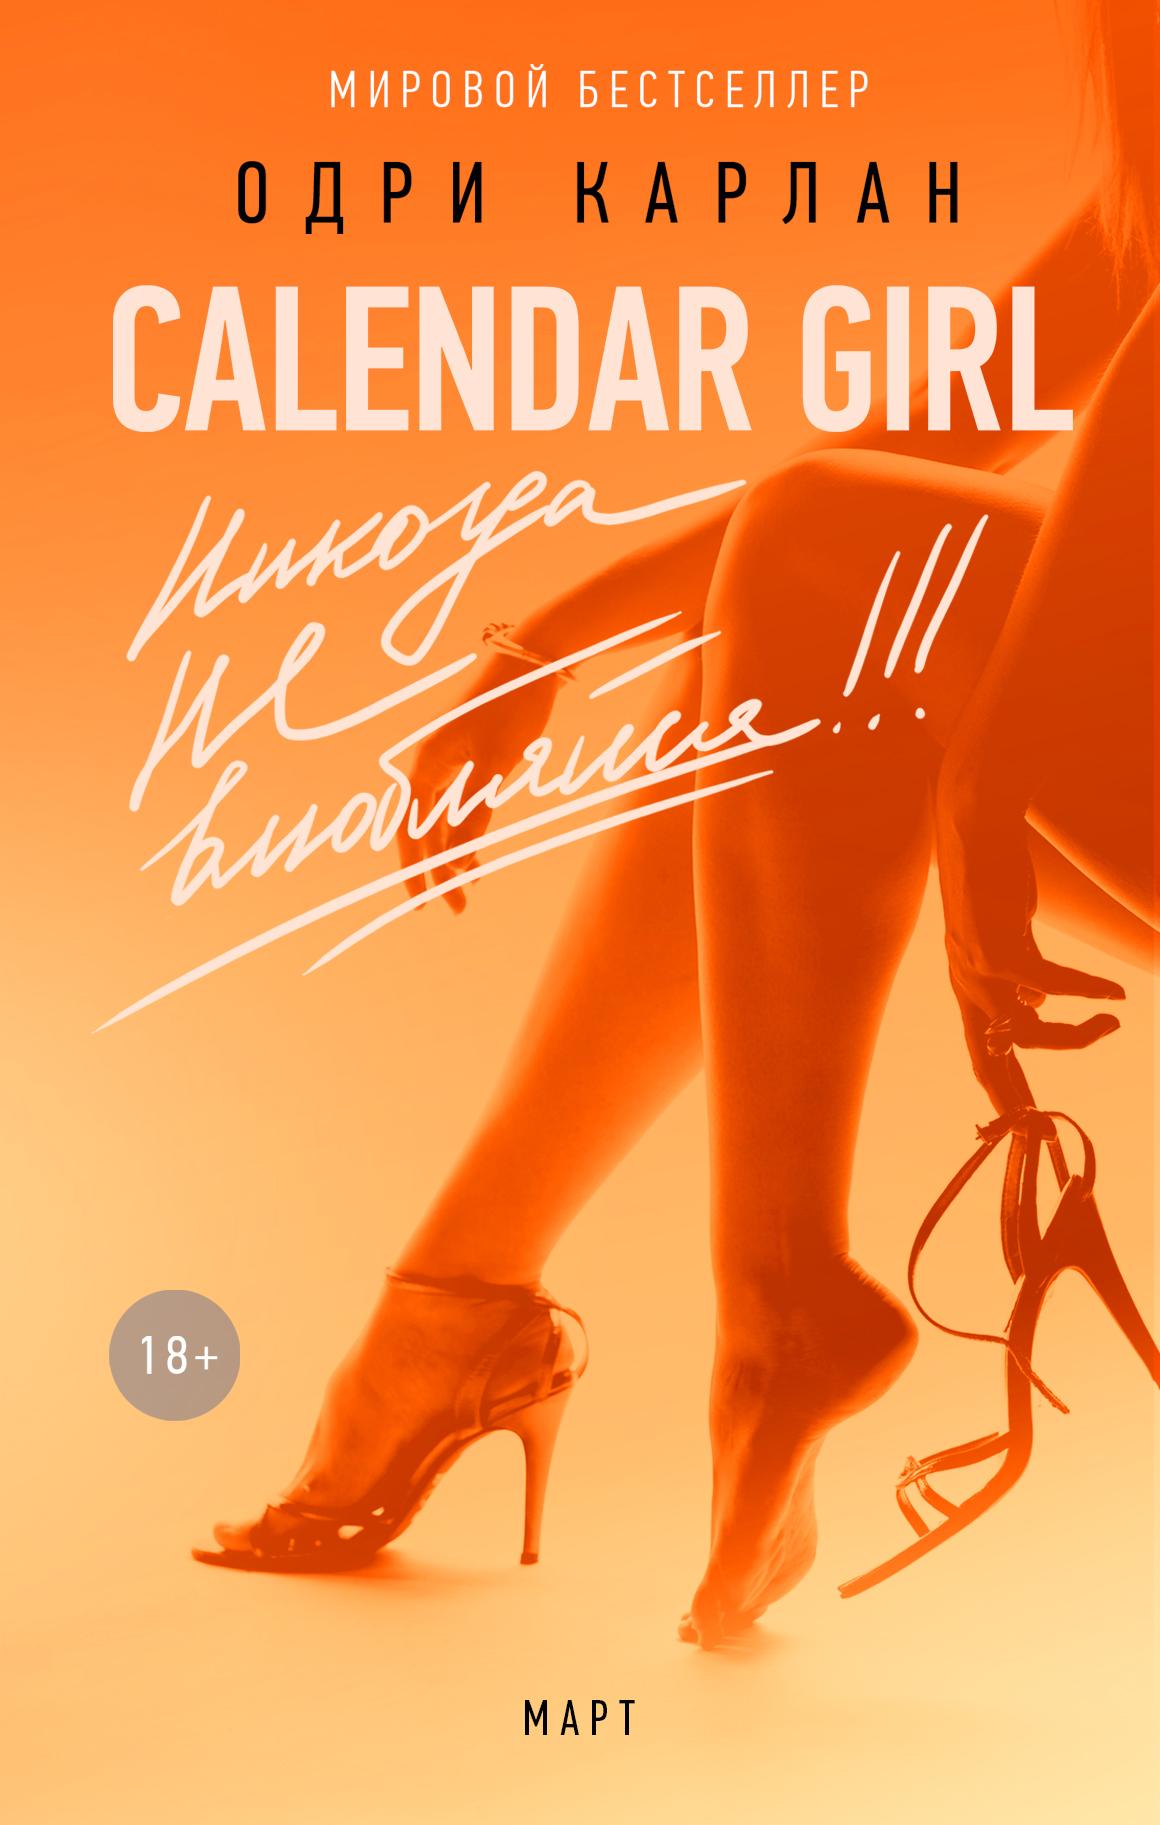 Одри Карлан Calendar Girl. Никогда не влюбляйся! Март карлан о calendar girl никогда не влюбляйся